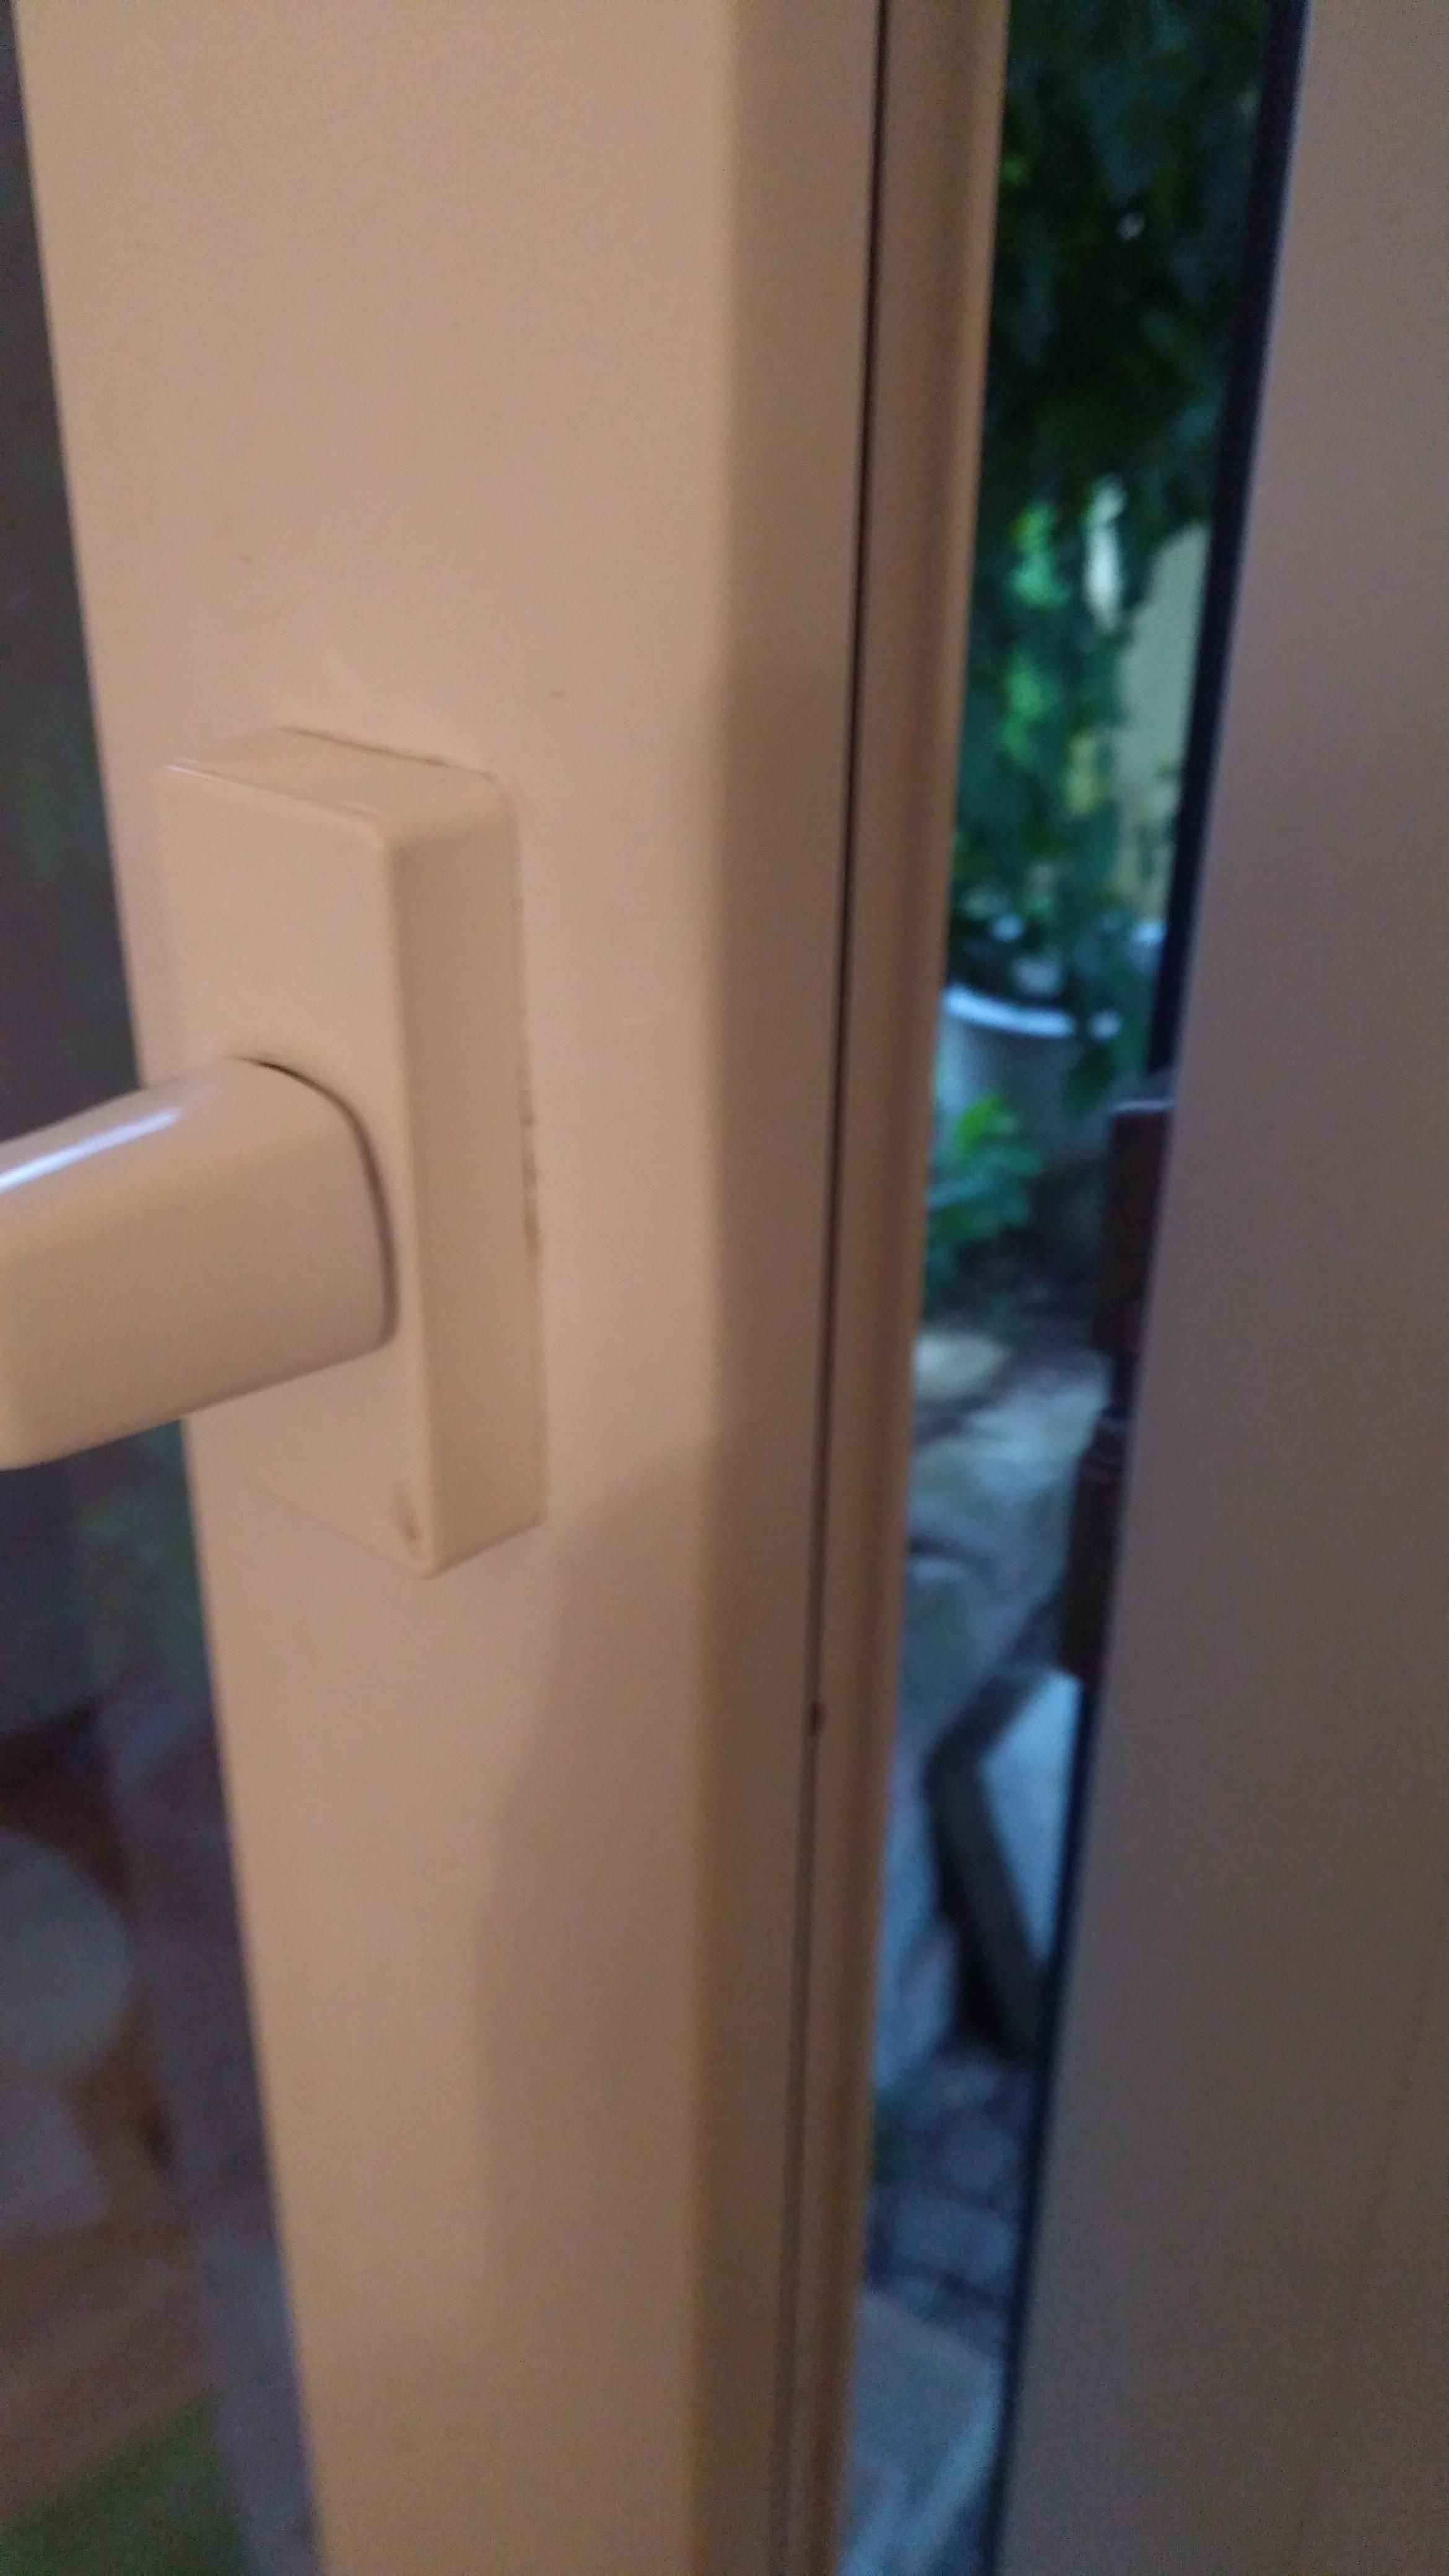 Balkontür Scharnier Gebrochen terrassentür hängt? (fenster, handwerker, tür)